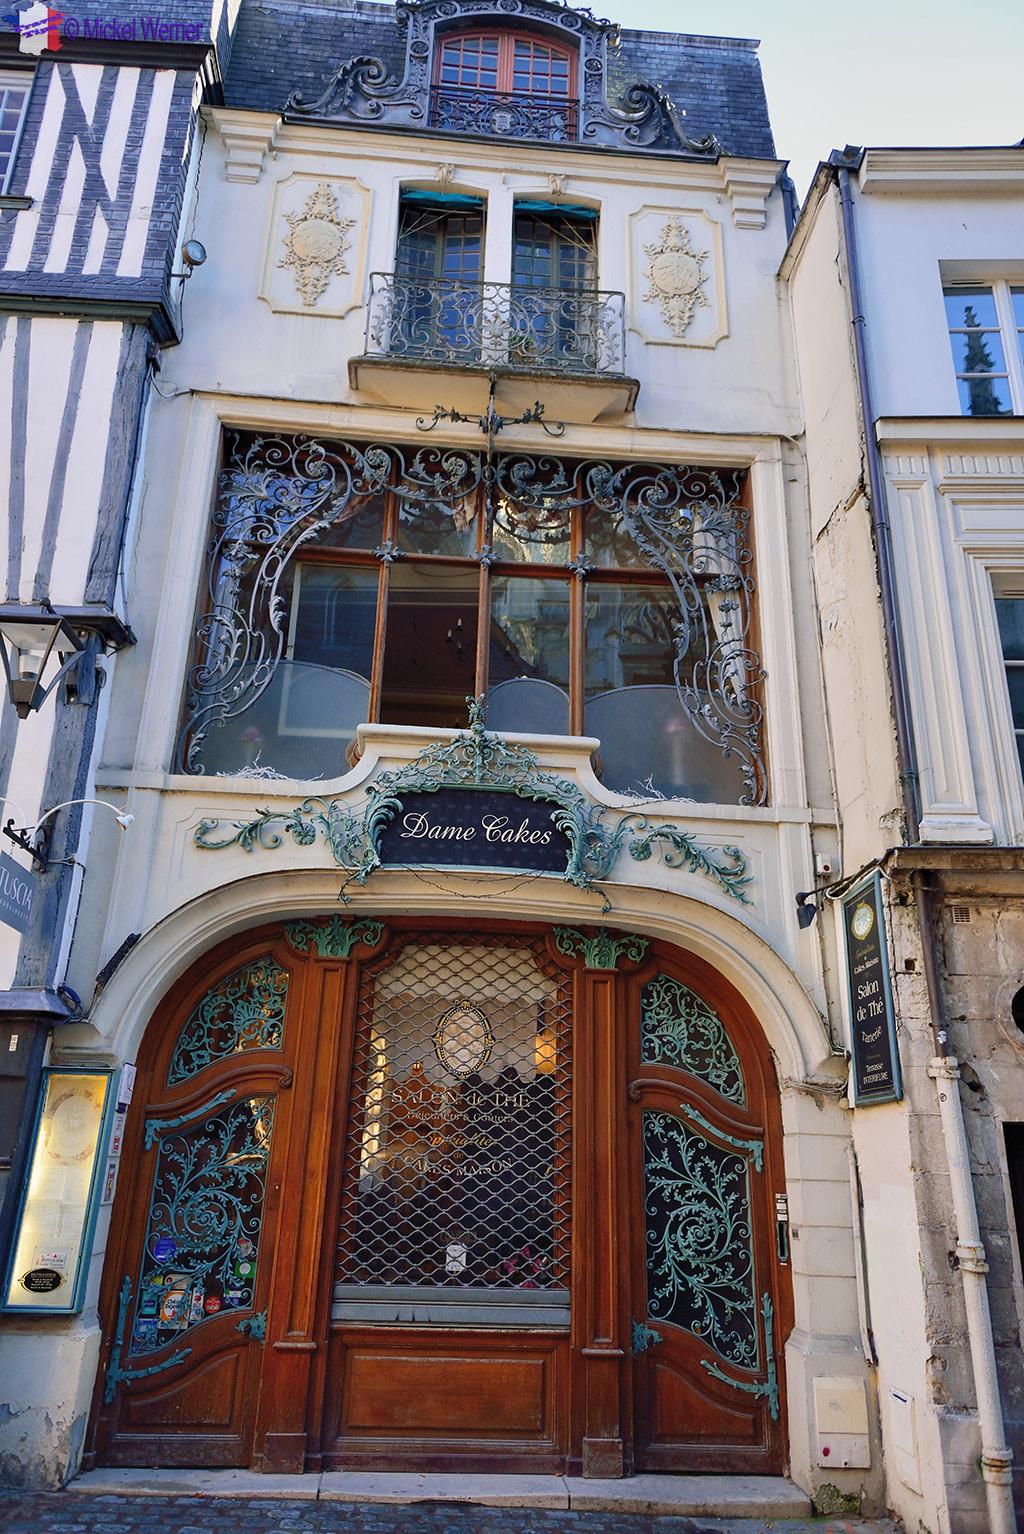 Dame Cakes tea room in Rouen'